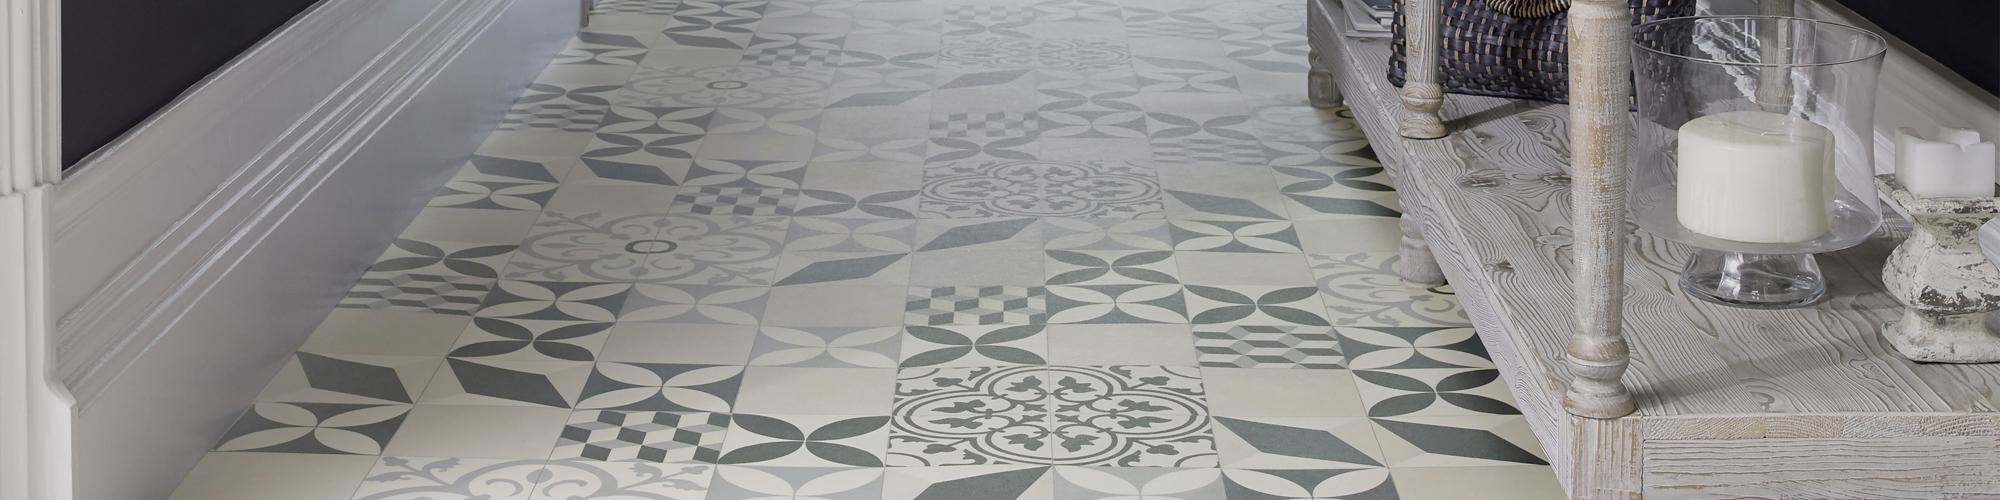 Sol vinyle effet carreaux de ciment  Saint Maclou